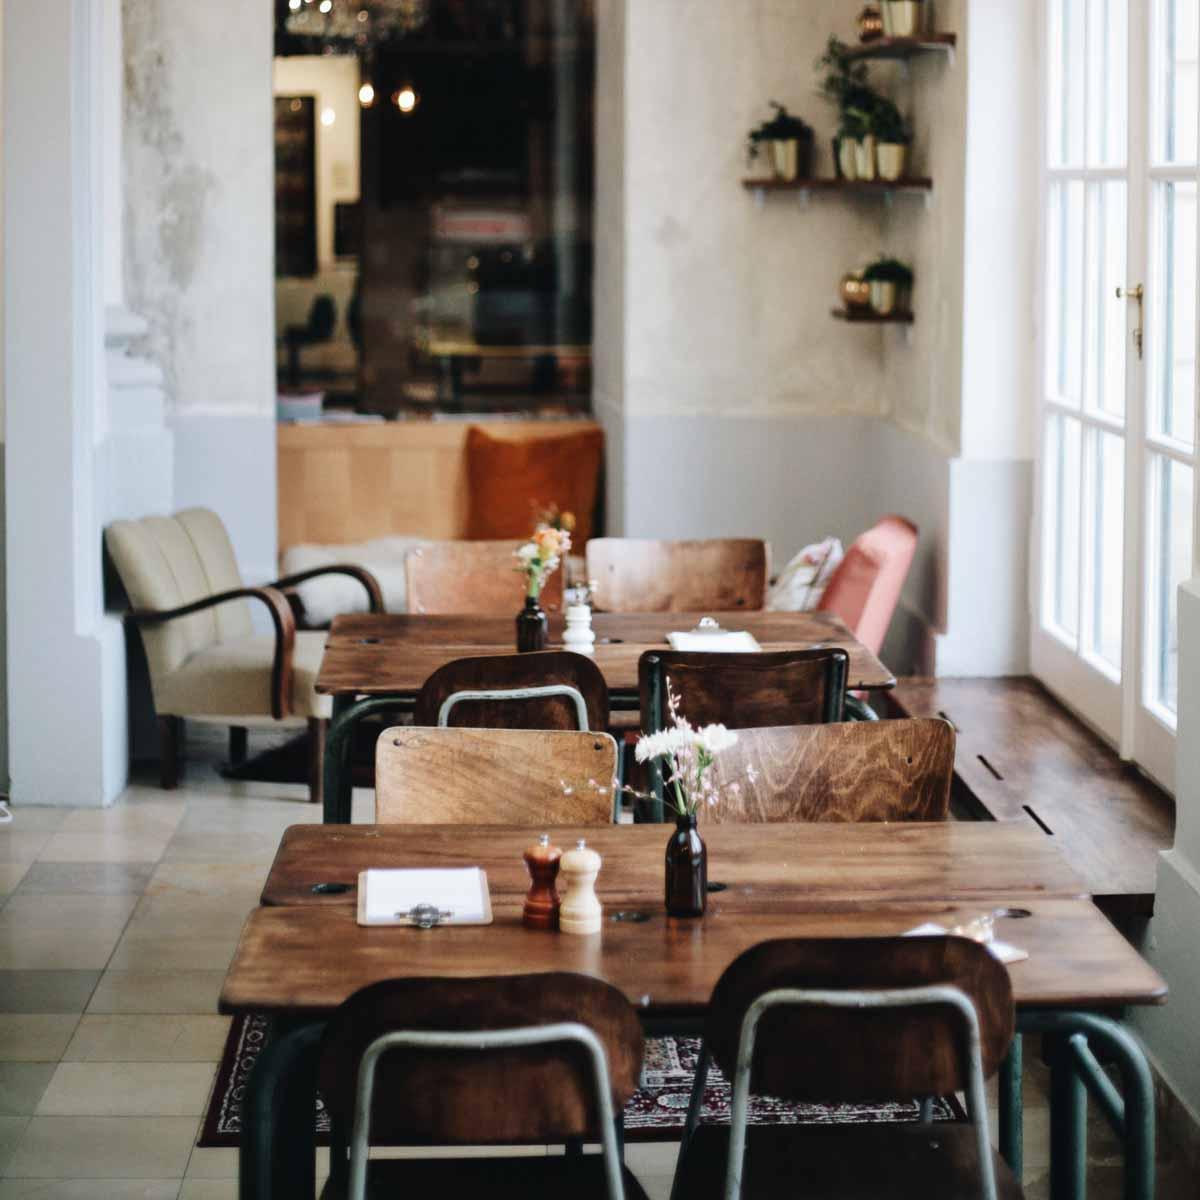 Café Hildebrandt im Gartenpalais Schönborn in Wien-4